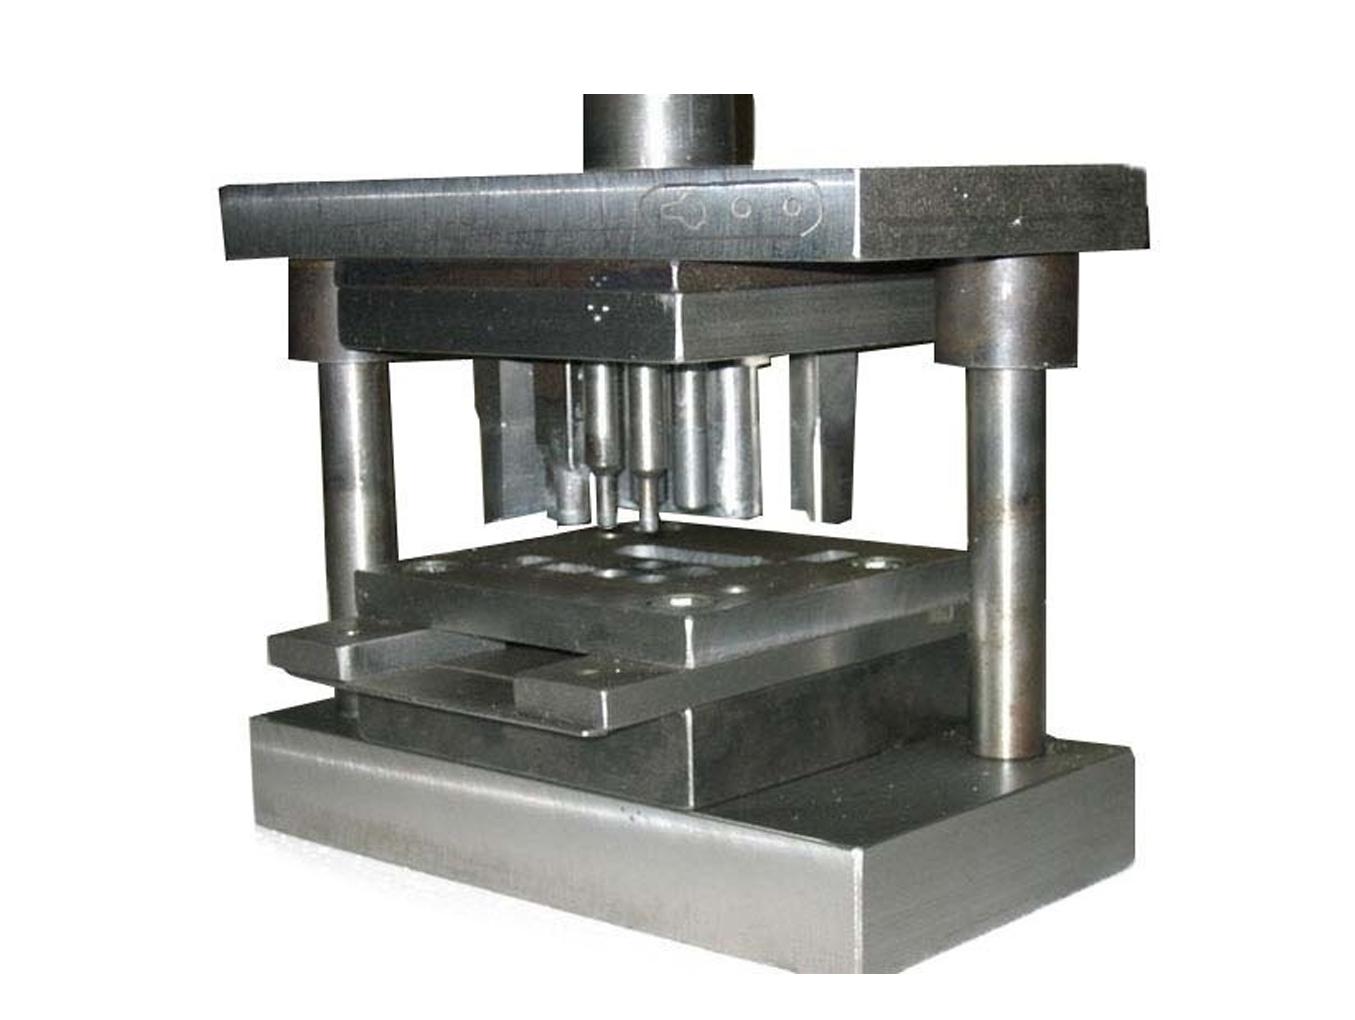 Пуансон и матрица для штамповки: что это такое, их назначение и применение